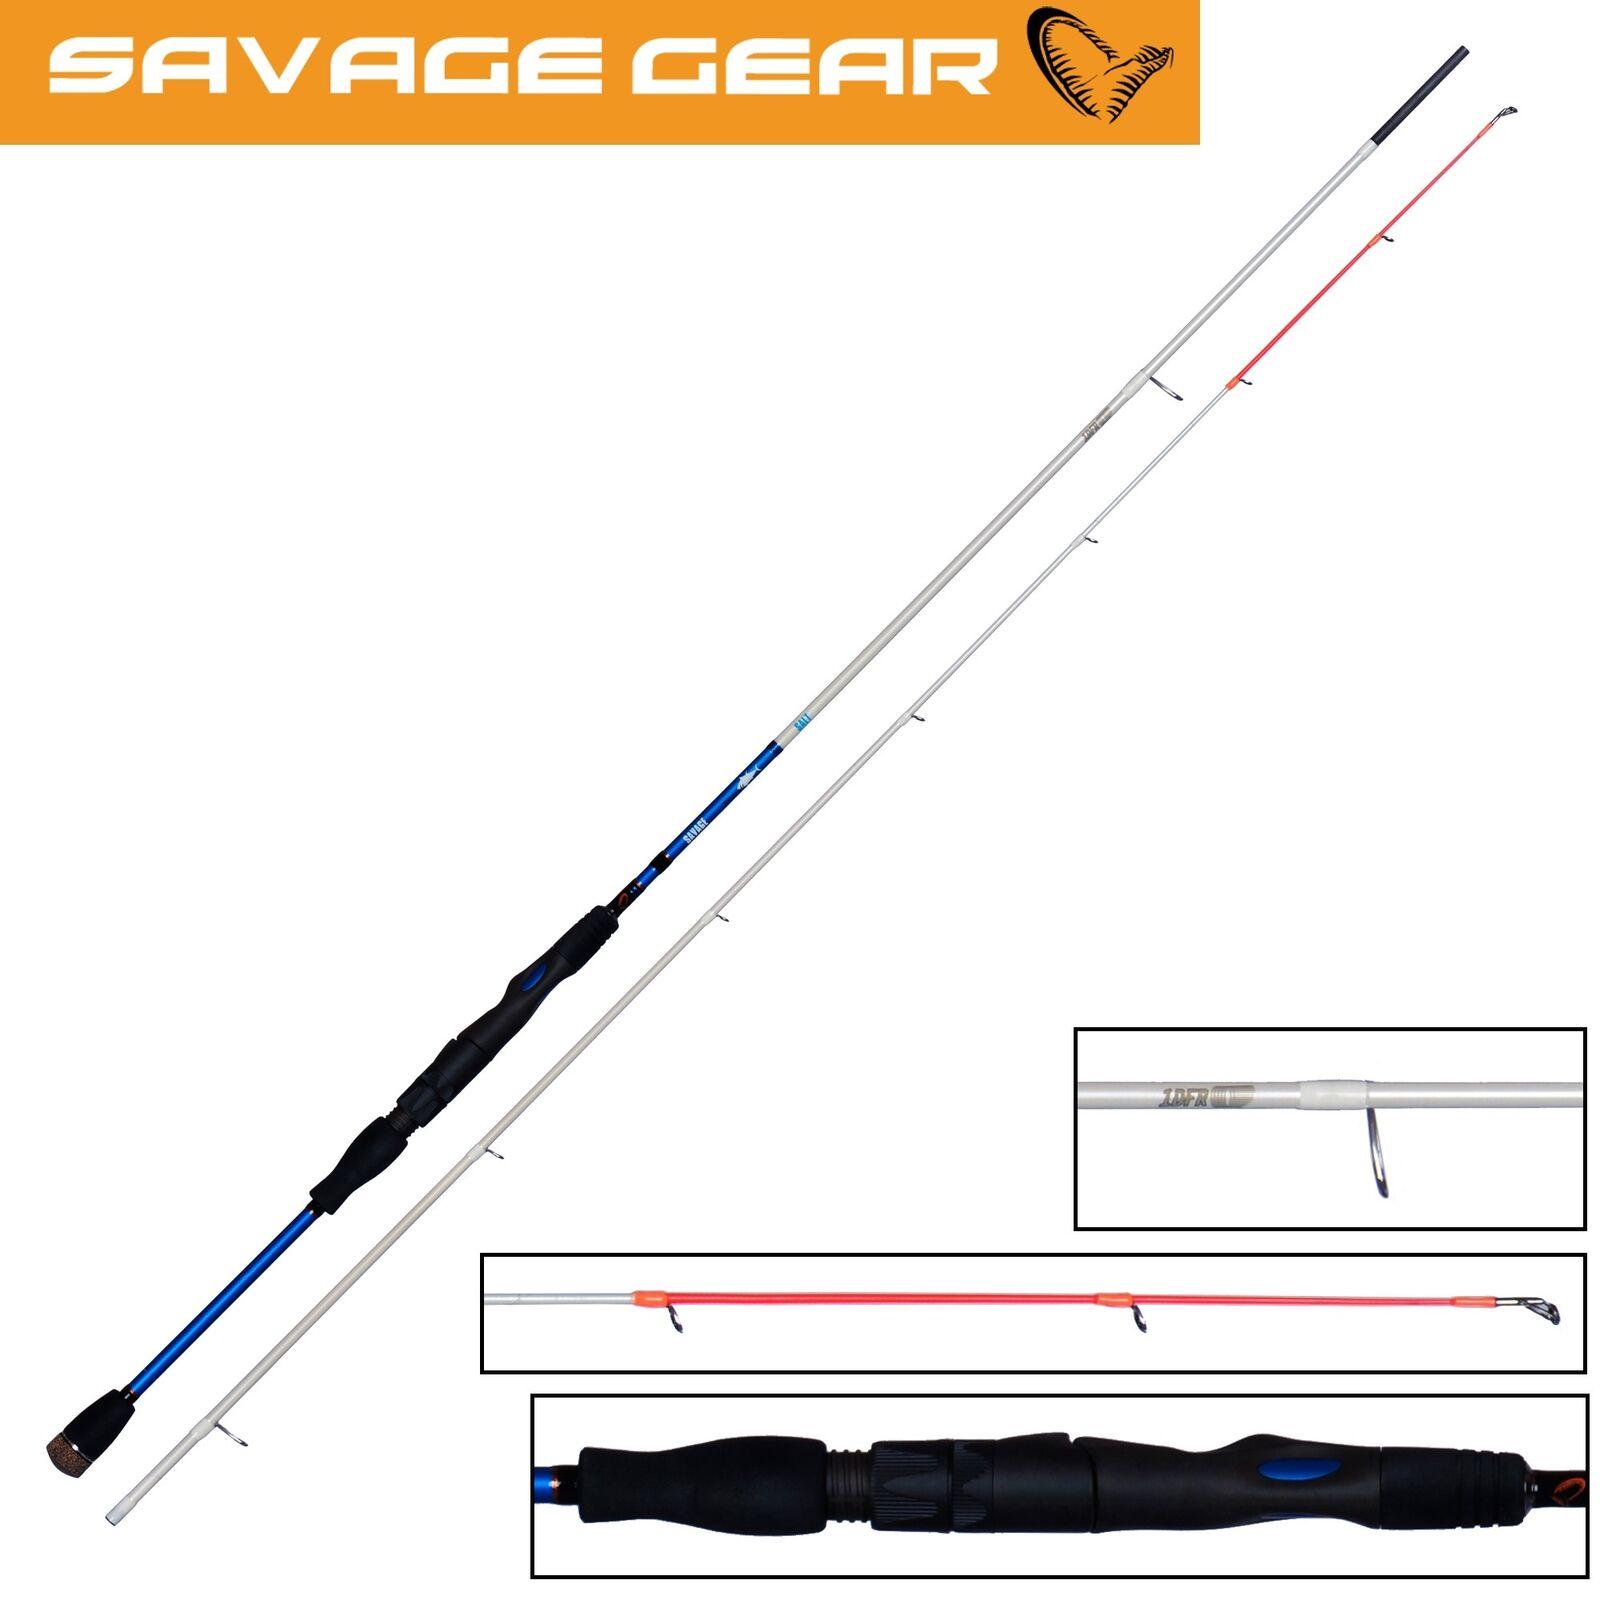 Savage Gear Salt 1DFR Ultra Light Rute 218cm 2-7g - Spinnrute, Angelrute